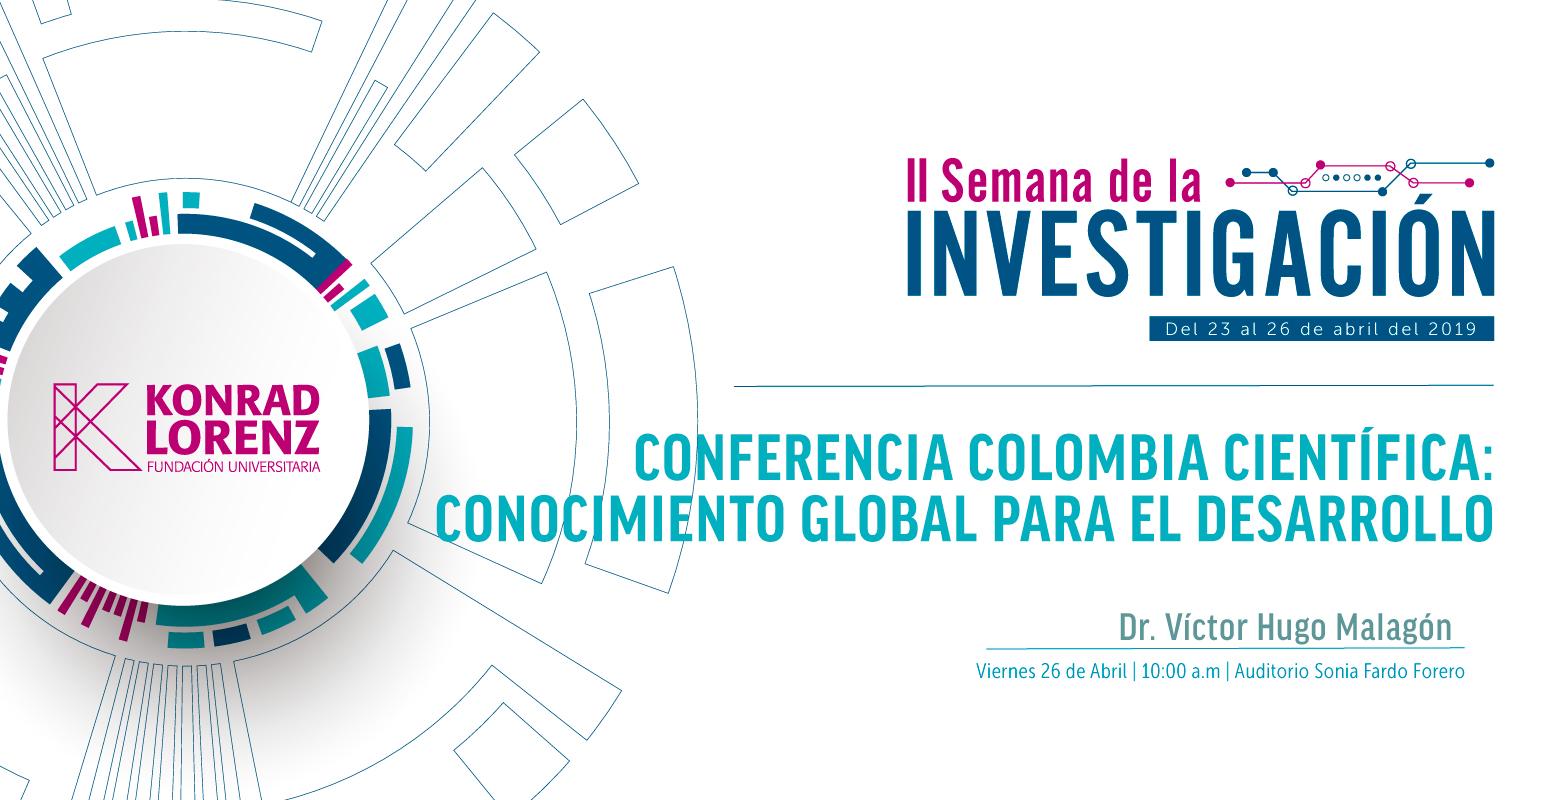 Colombia Científica: Conocimiento global para el desarrollo. Componentes: Ecosistema Científico y Pasaporte a la Ciencia